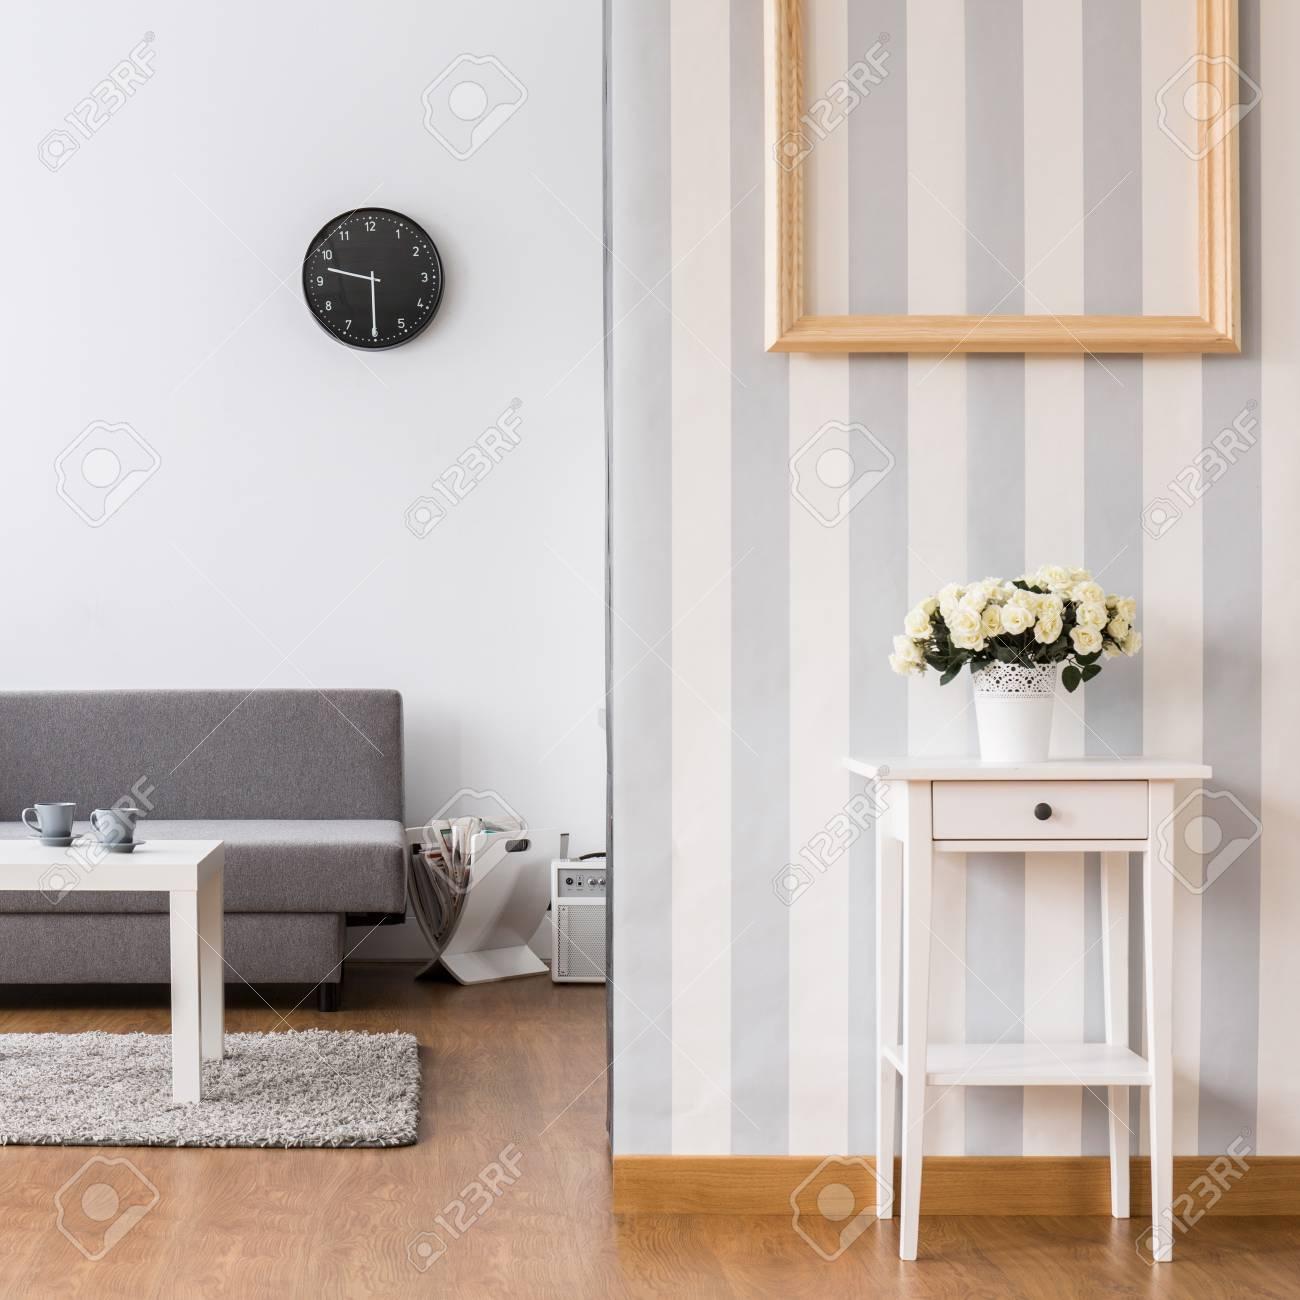 Legant Salon Avec Canape Gris Et Petite Table Basse Interieur Lumineux Avec Revetement De Sol Et Papier Peint Decoratif